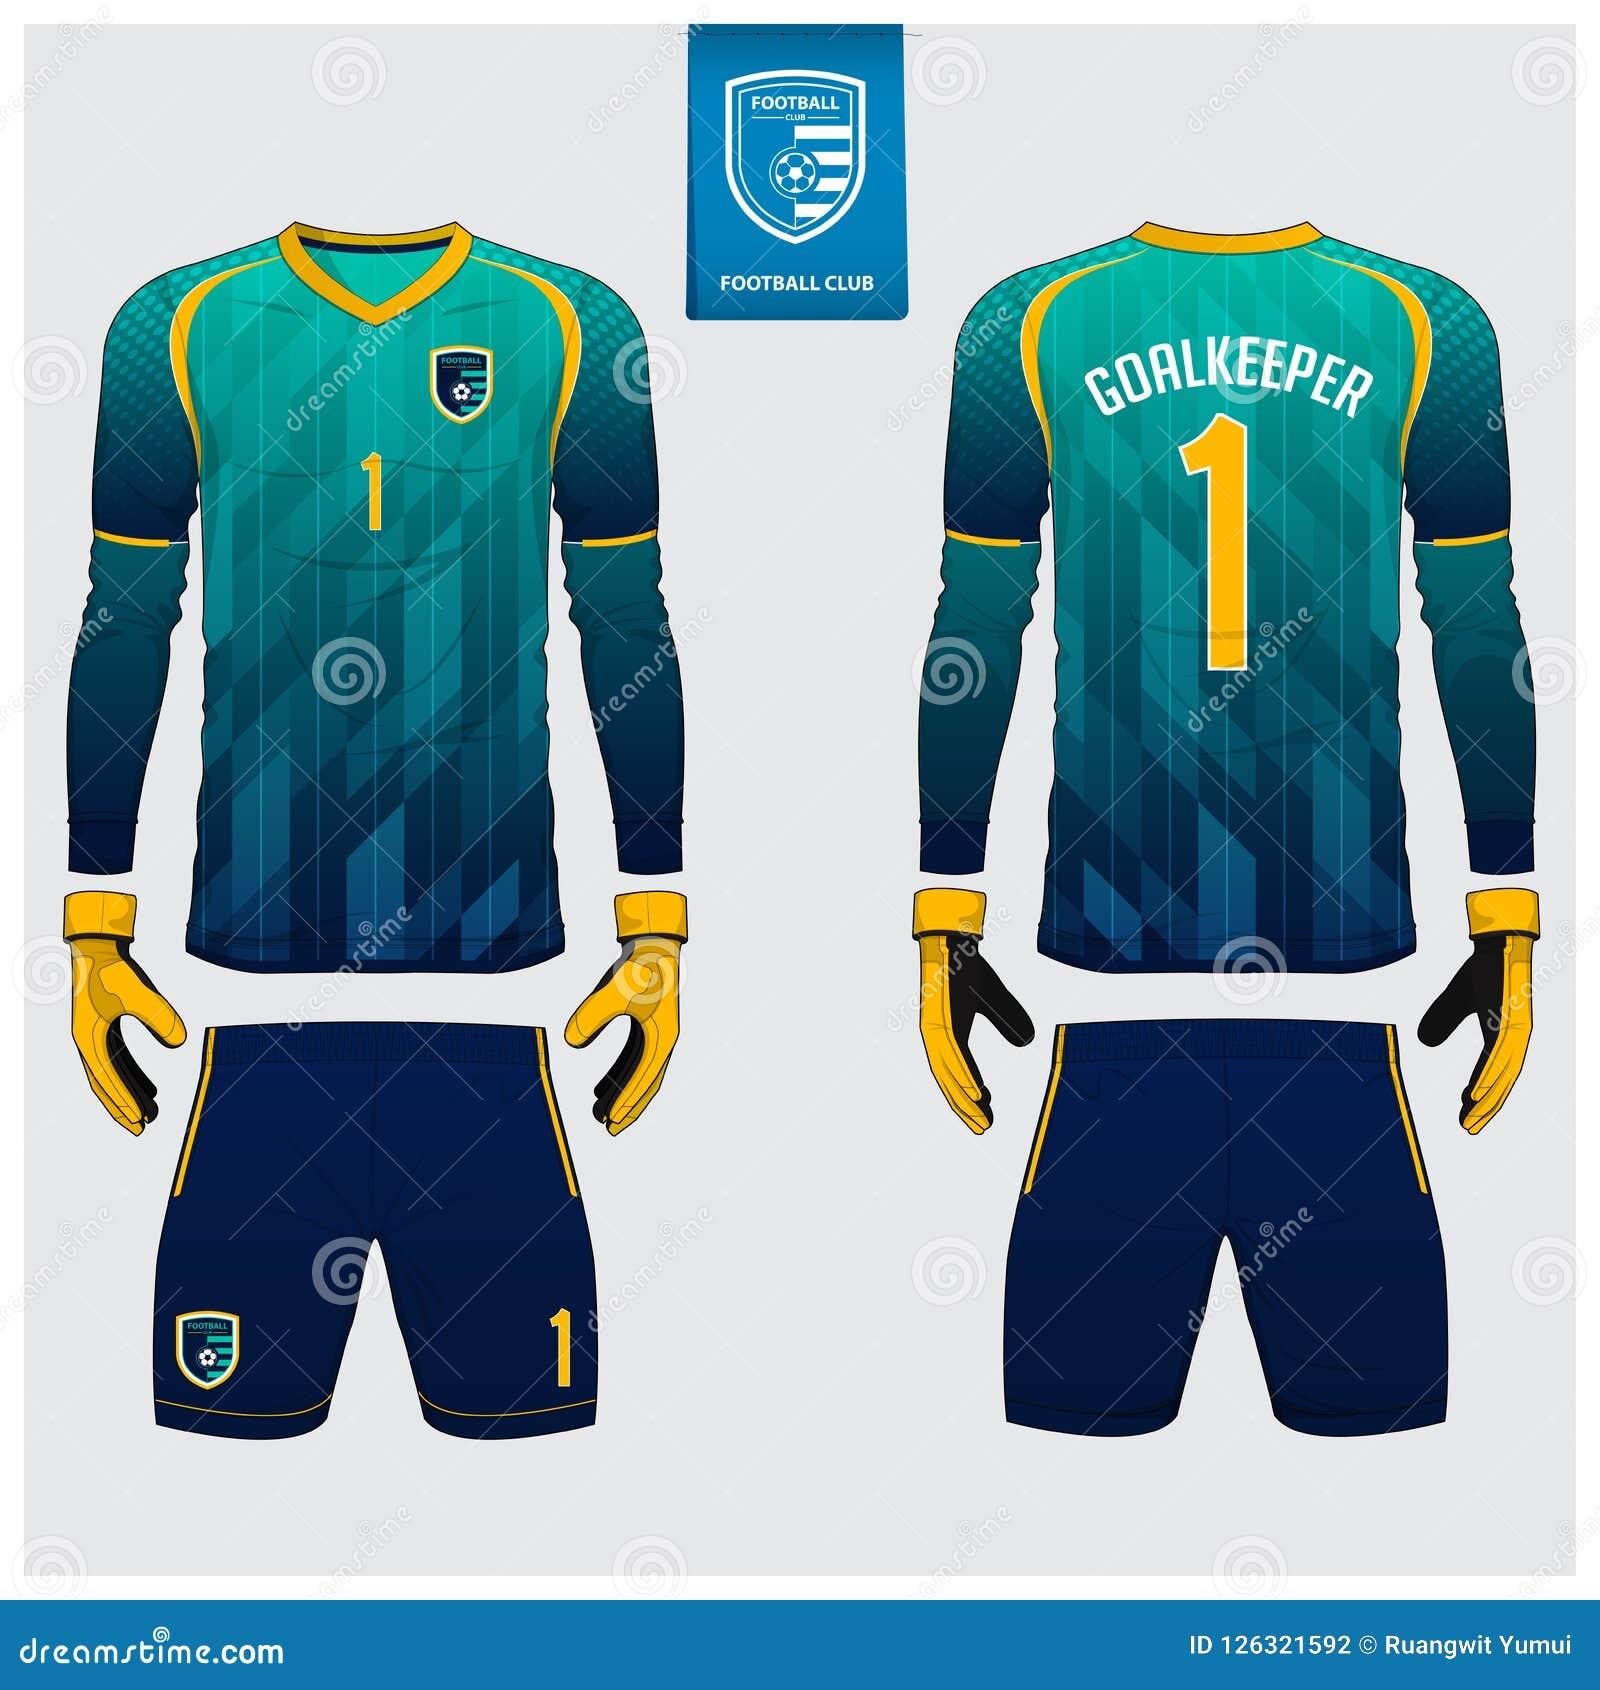 守门员球衣或足球成套工具,长的袖子球衣,守门员手套模板设计 T恤杉嘲笑 前面,后面看法制服